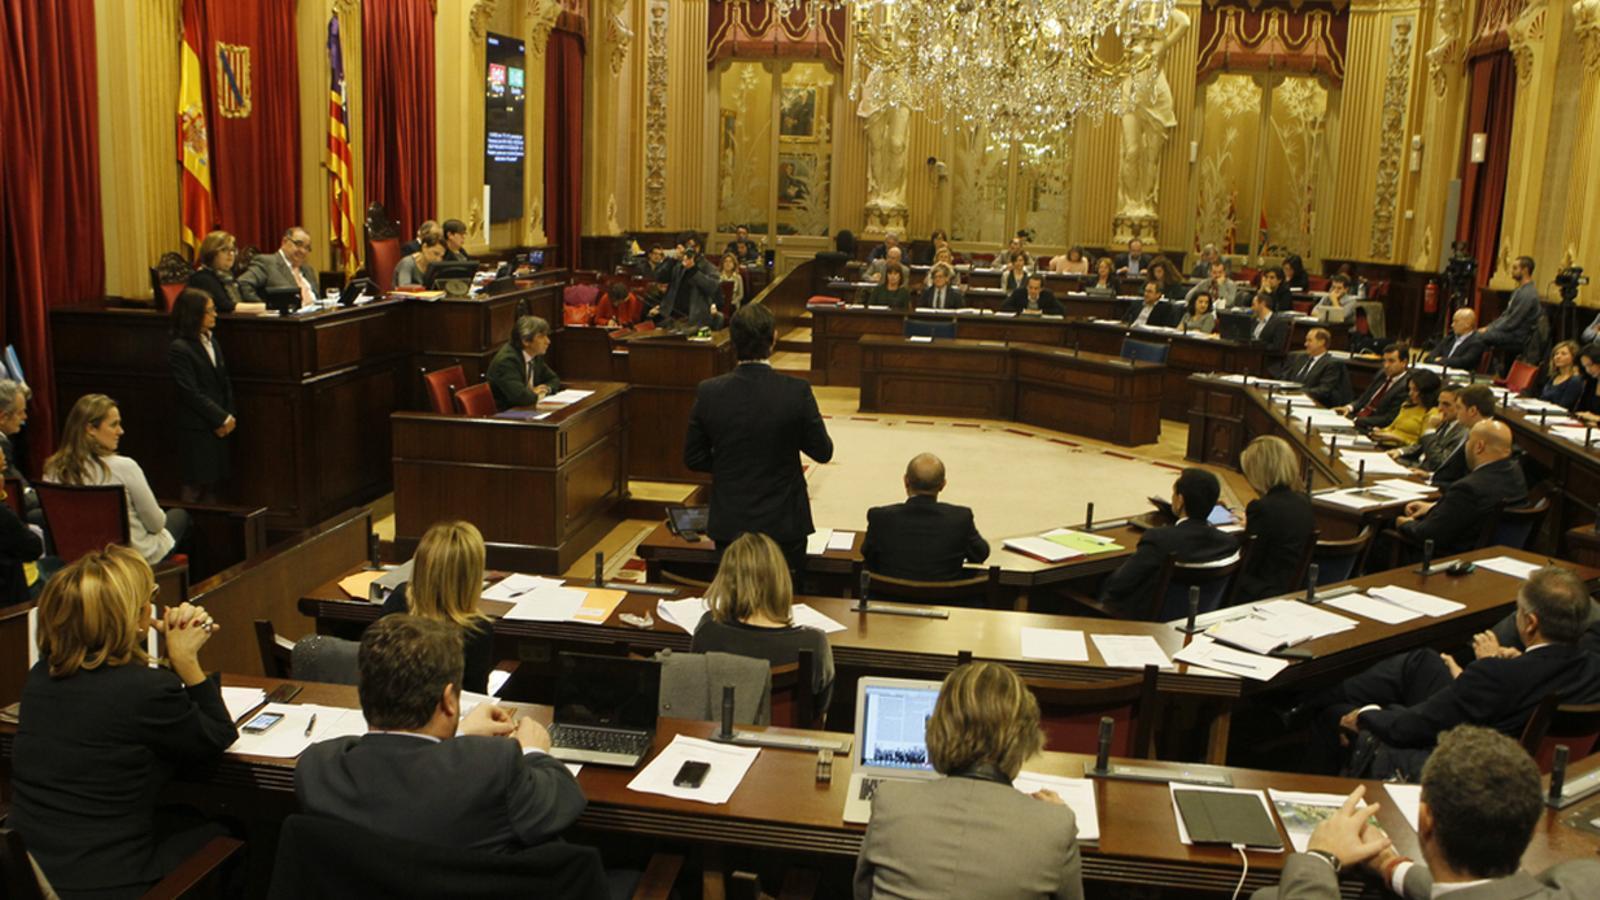 Els diputats de les Illes Balears respondran dels seus actes davant els mateixos òrgans judicials que la resta de ciutadans.